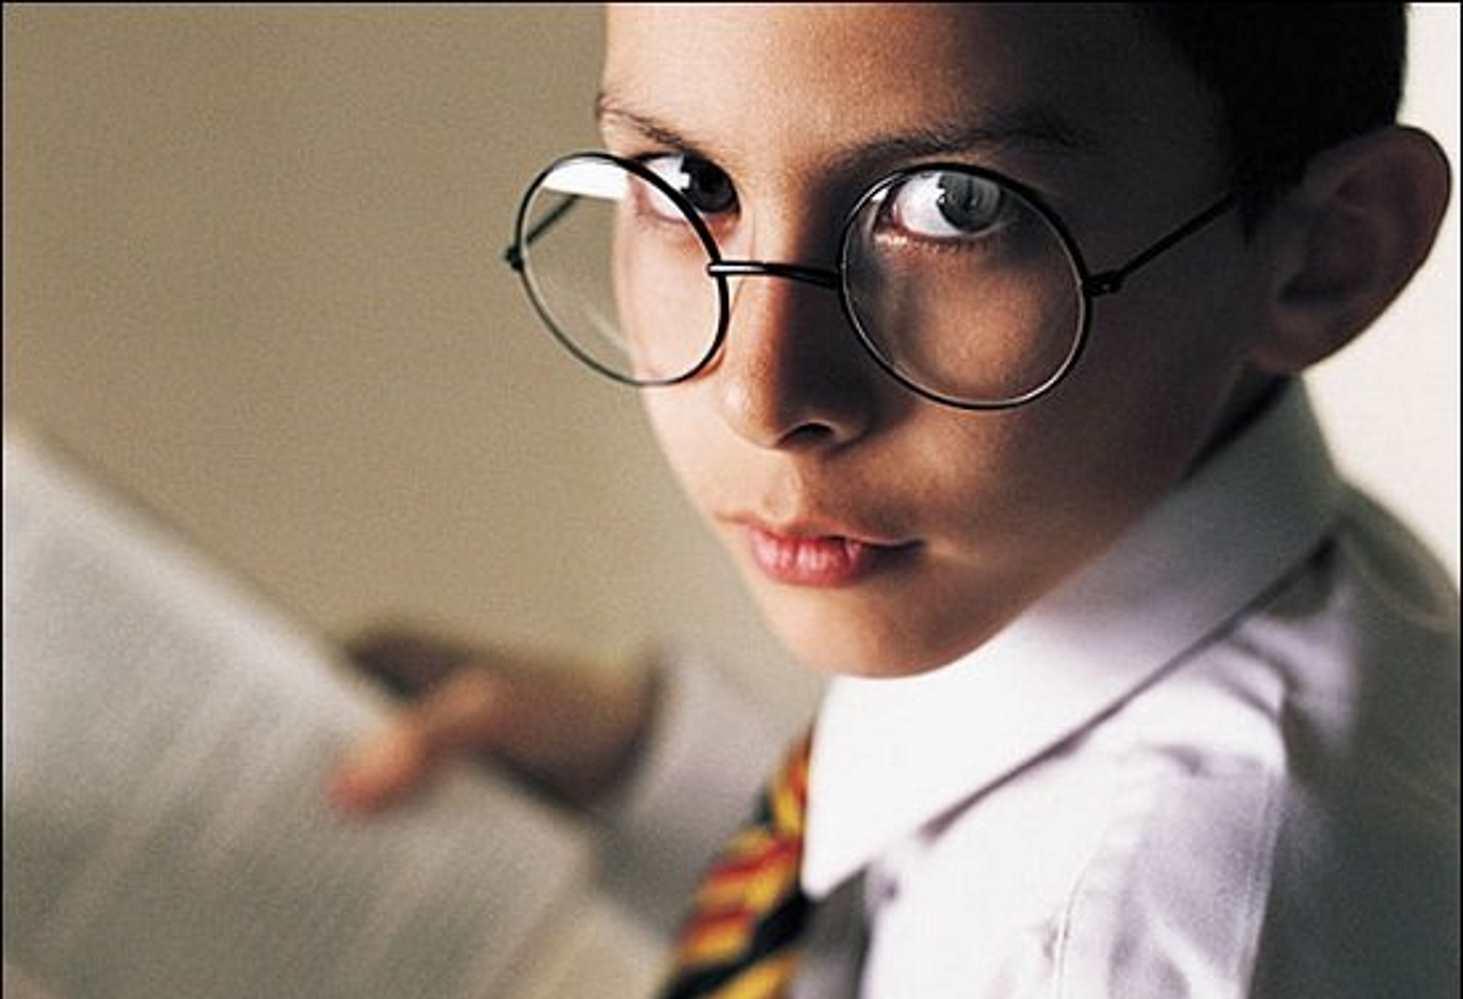 9-effektivnyh-metodov-sberech-zrenie-shkolnikov